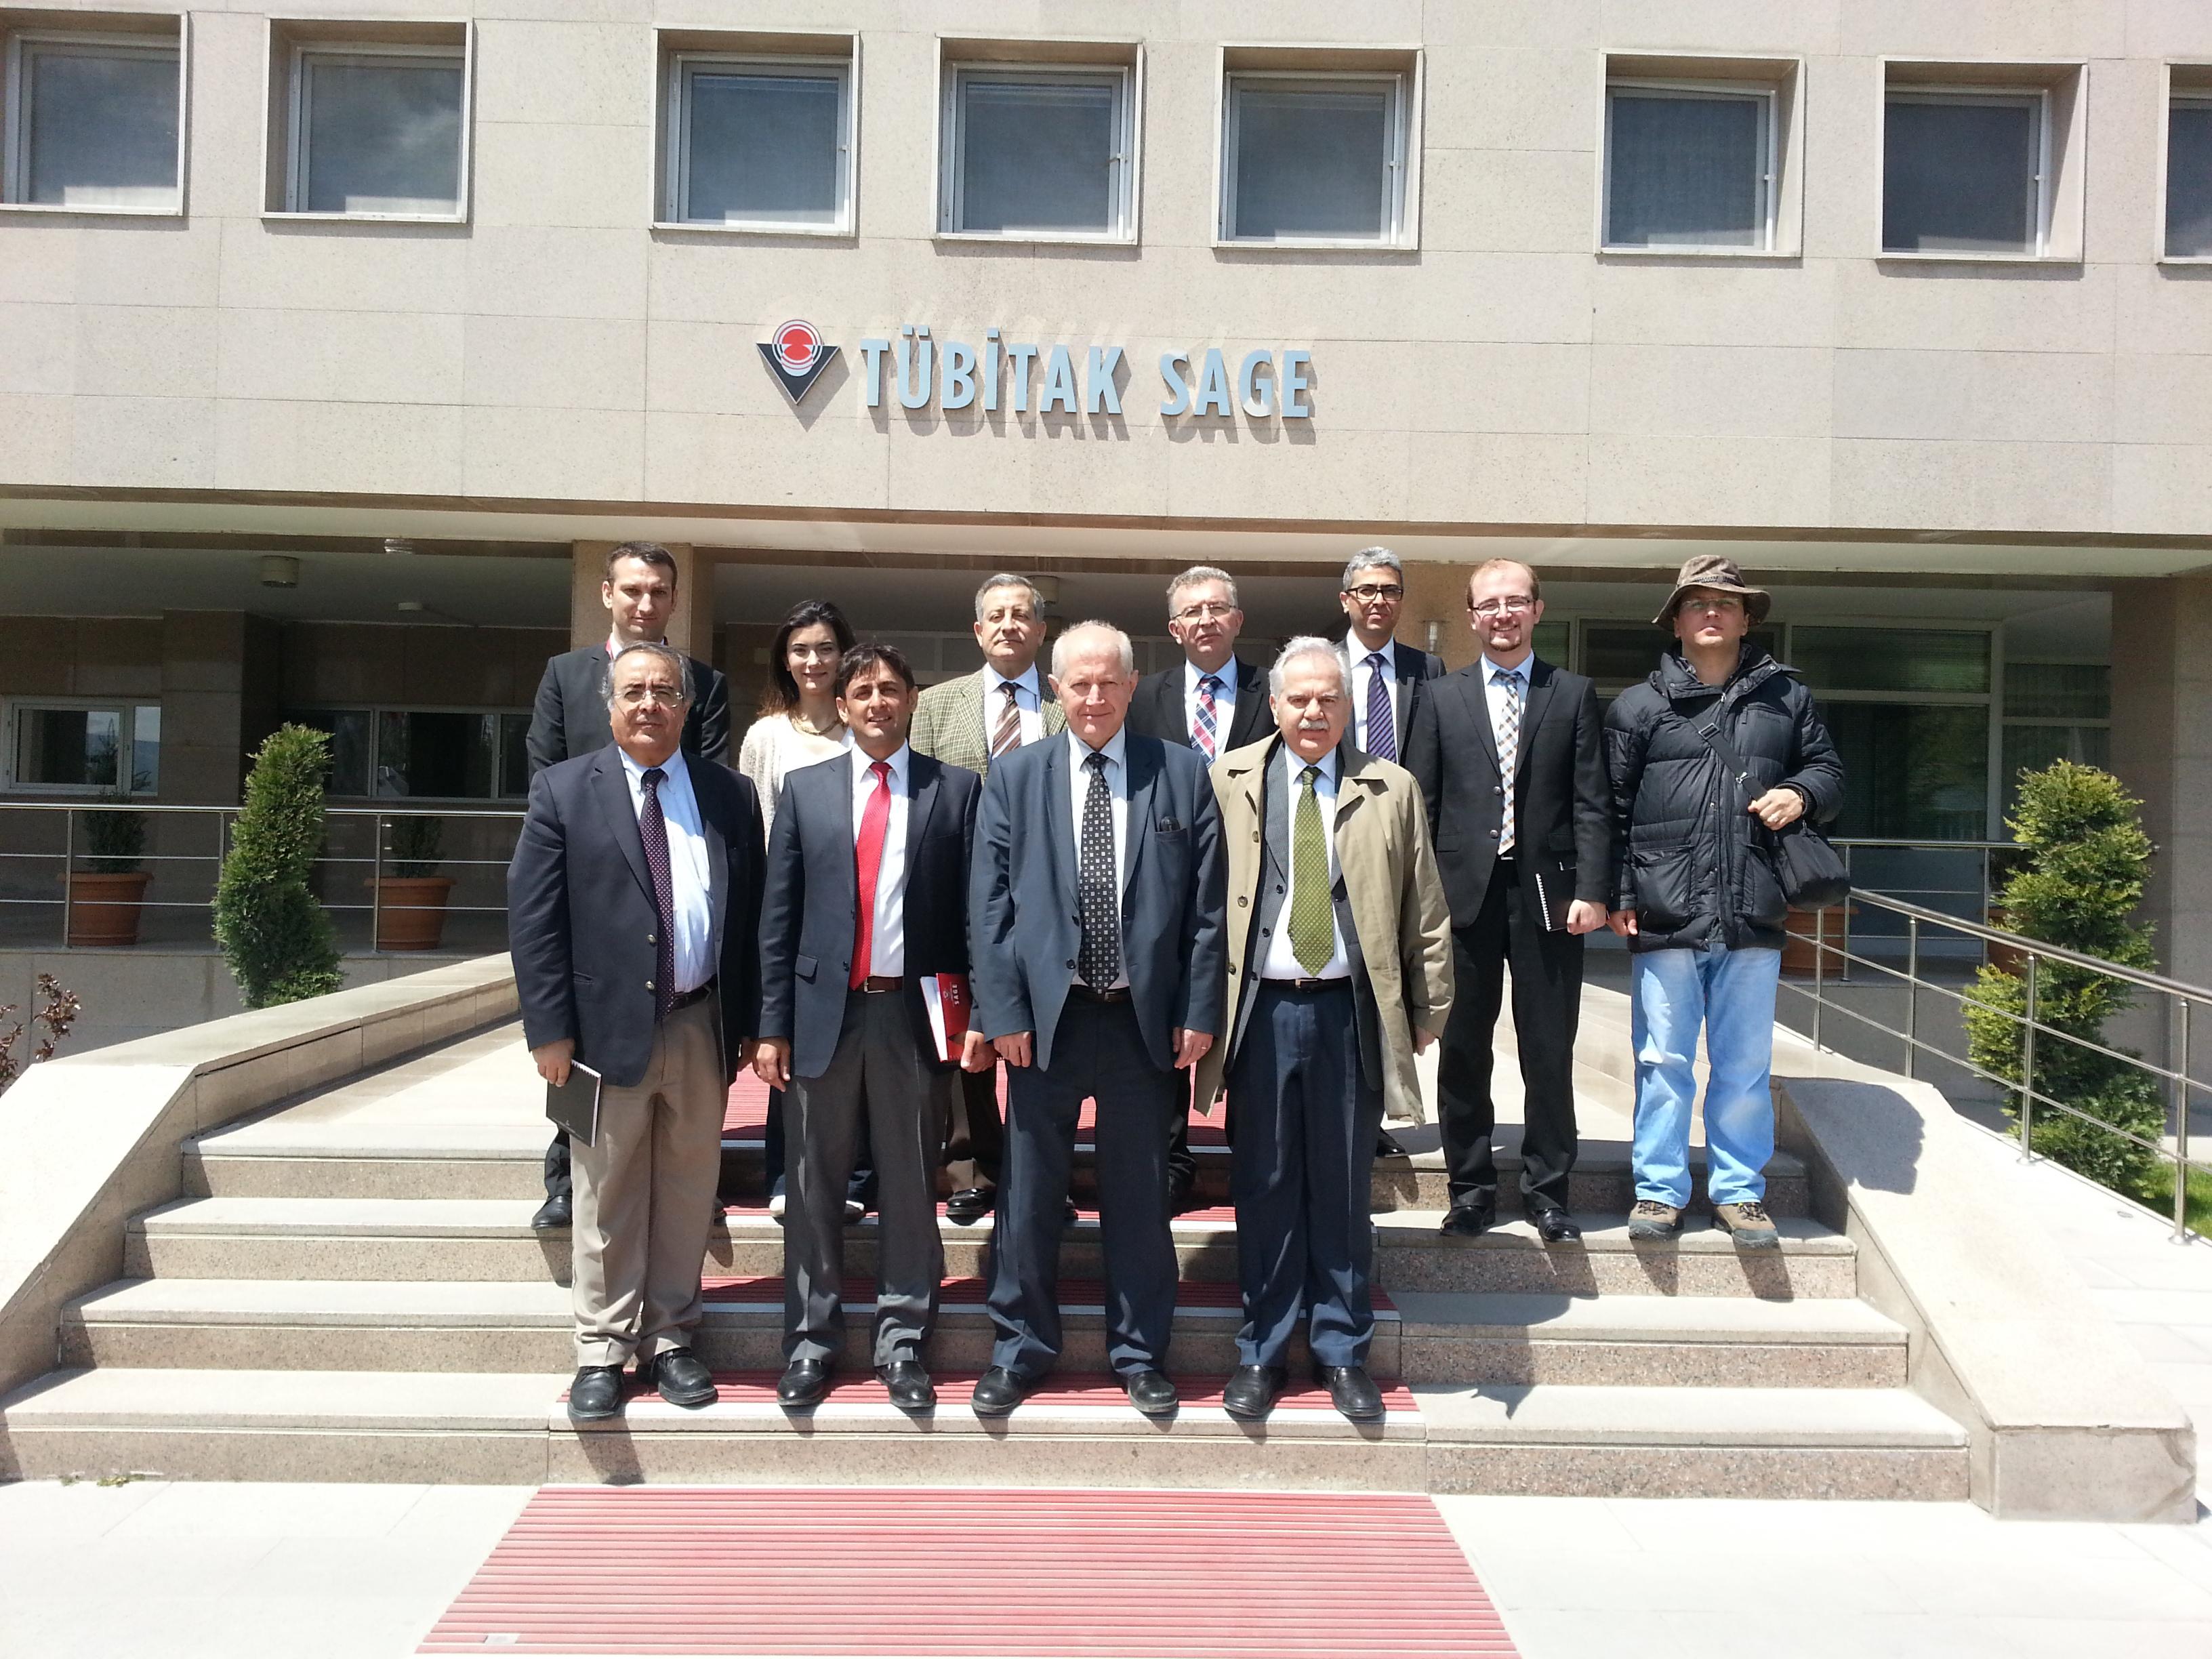 Çankaya Üniversitesi TTO olarak TÜBİTAK SAGE Ziyareti gerçekleştirildi